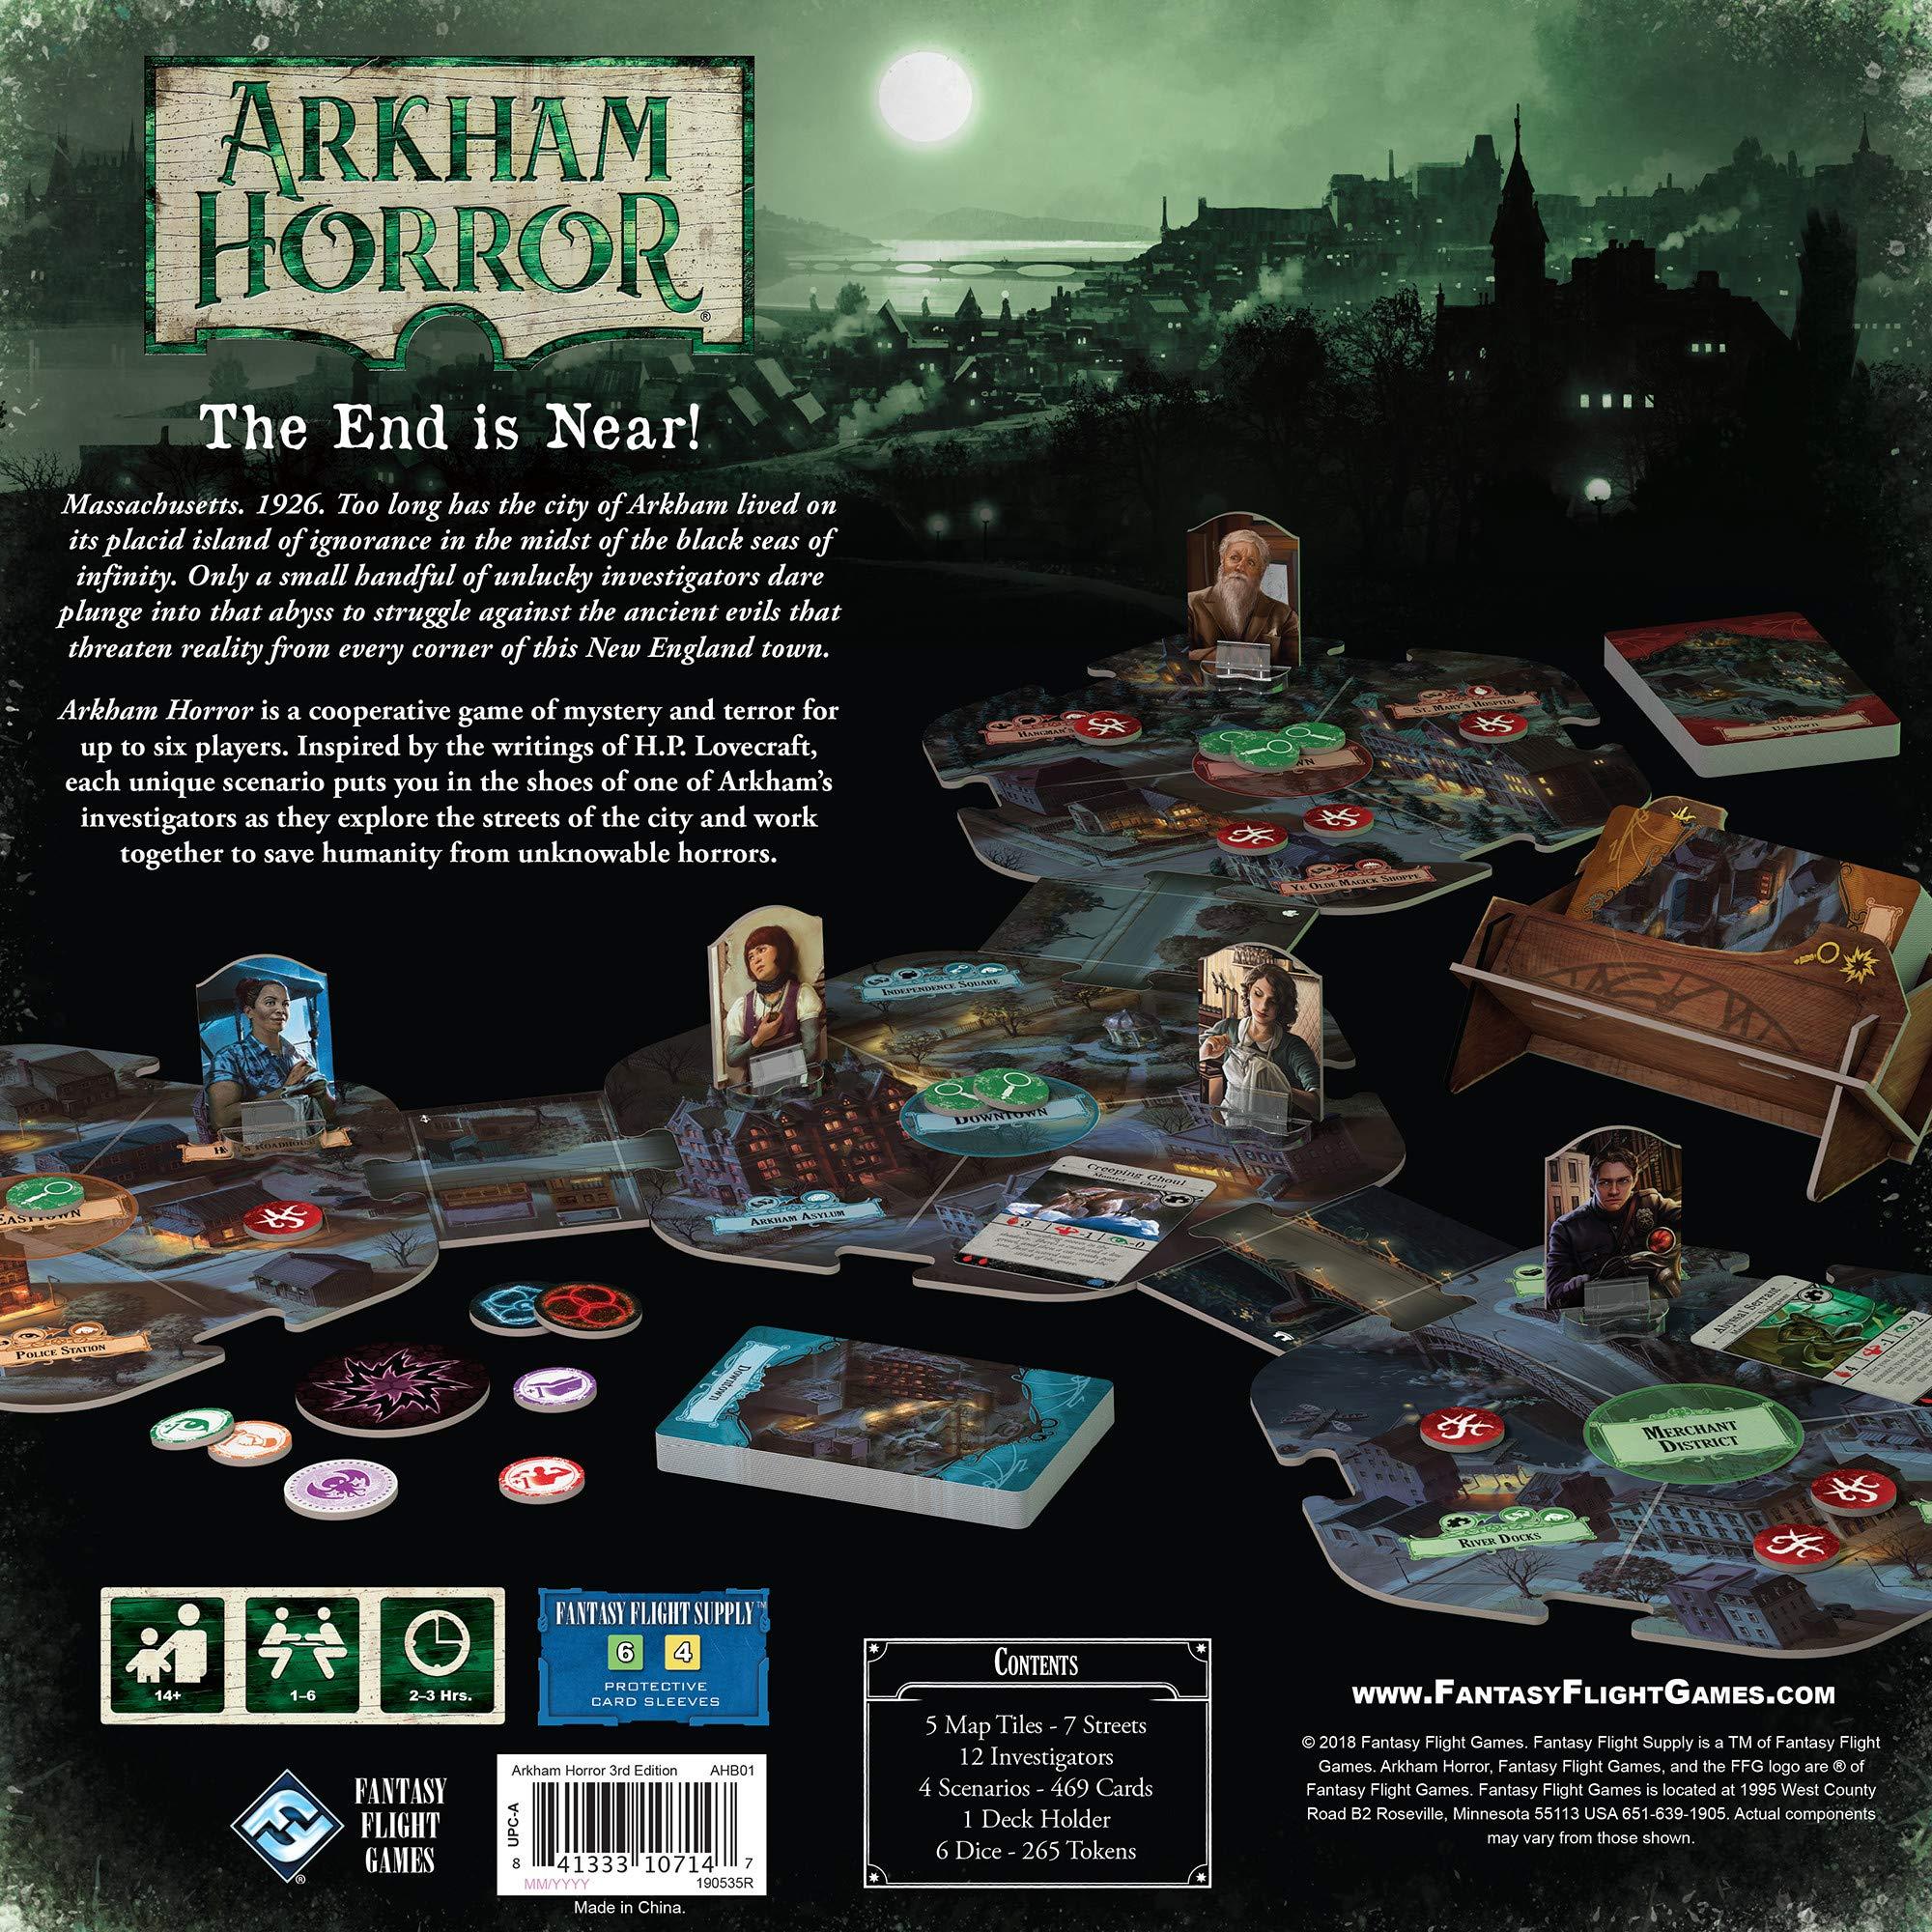 Fantasy Flight Games FFGAHB01 Arkham Horror tercera edición, colores surtidos, Inglés: Amazon.es: Juguetes y juegos